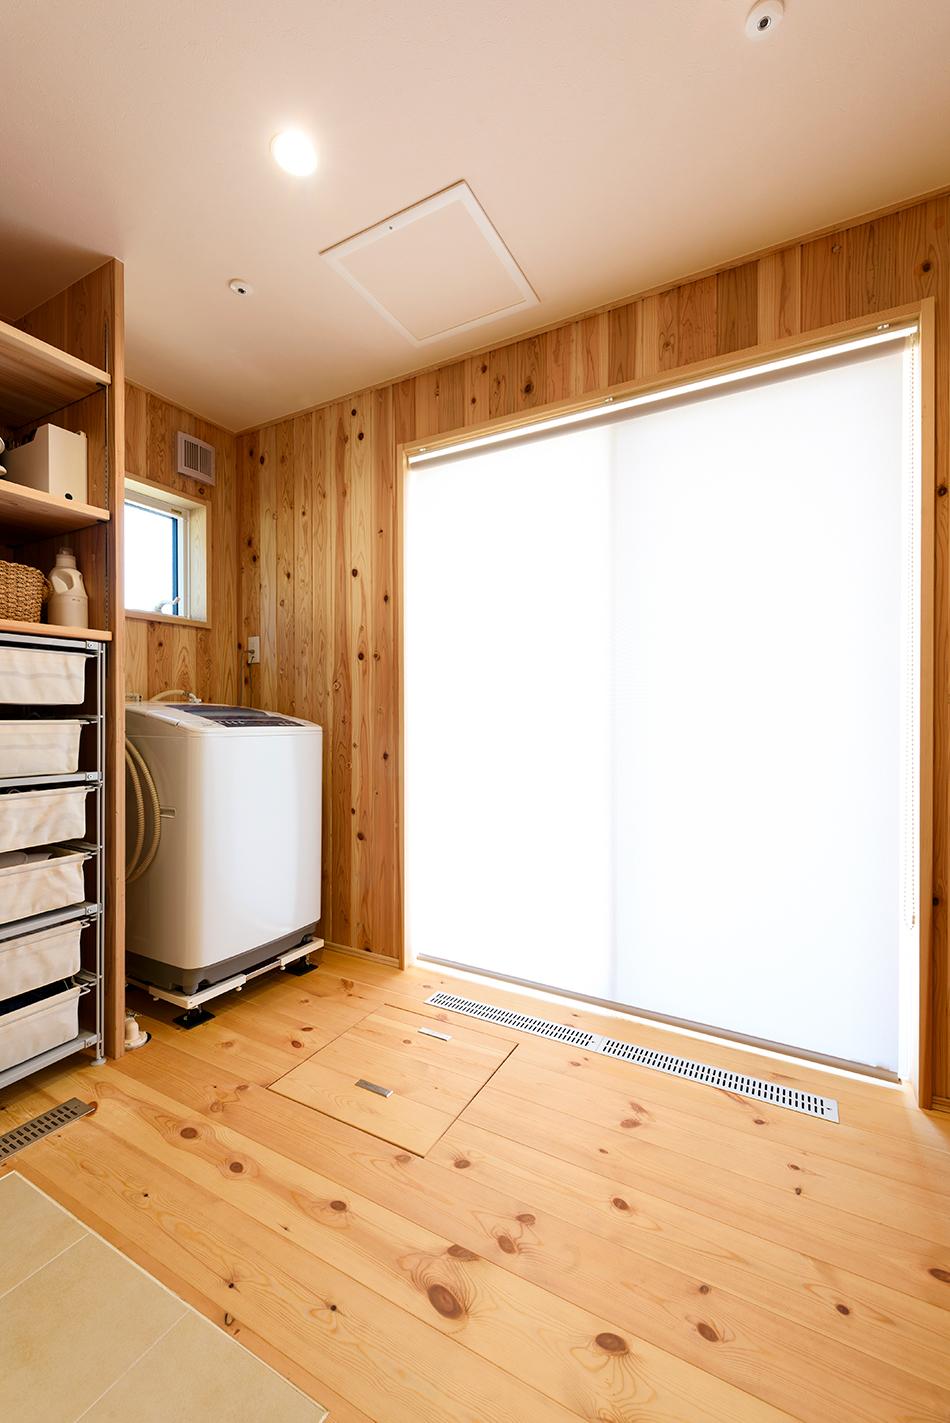 木の家|熊本の新築建築事例|2階建|4LDK|家事室|エコワークス|CASE-13|内観07